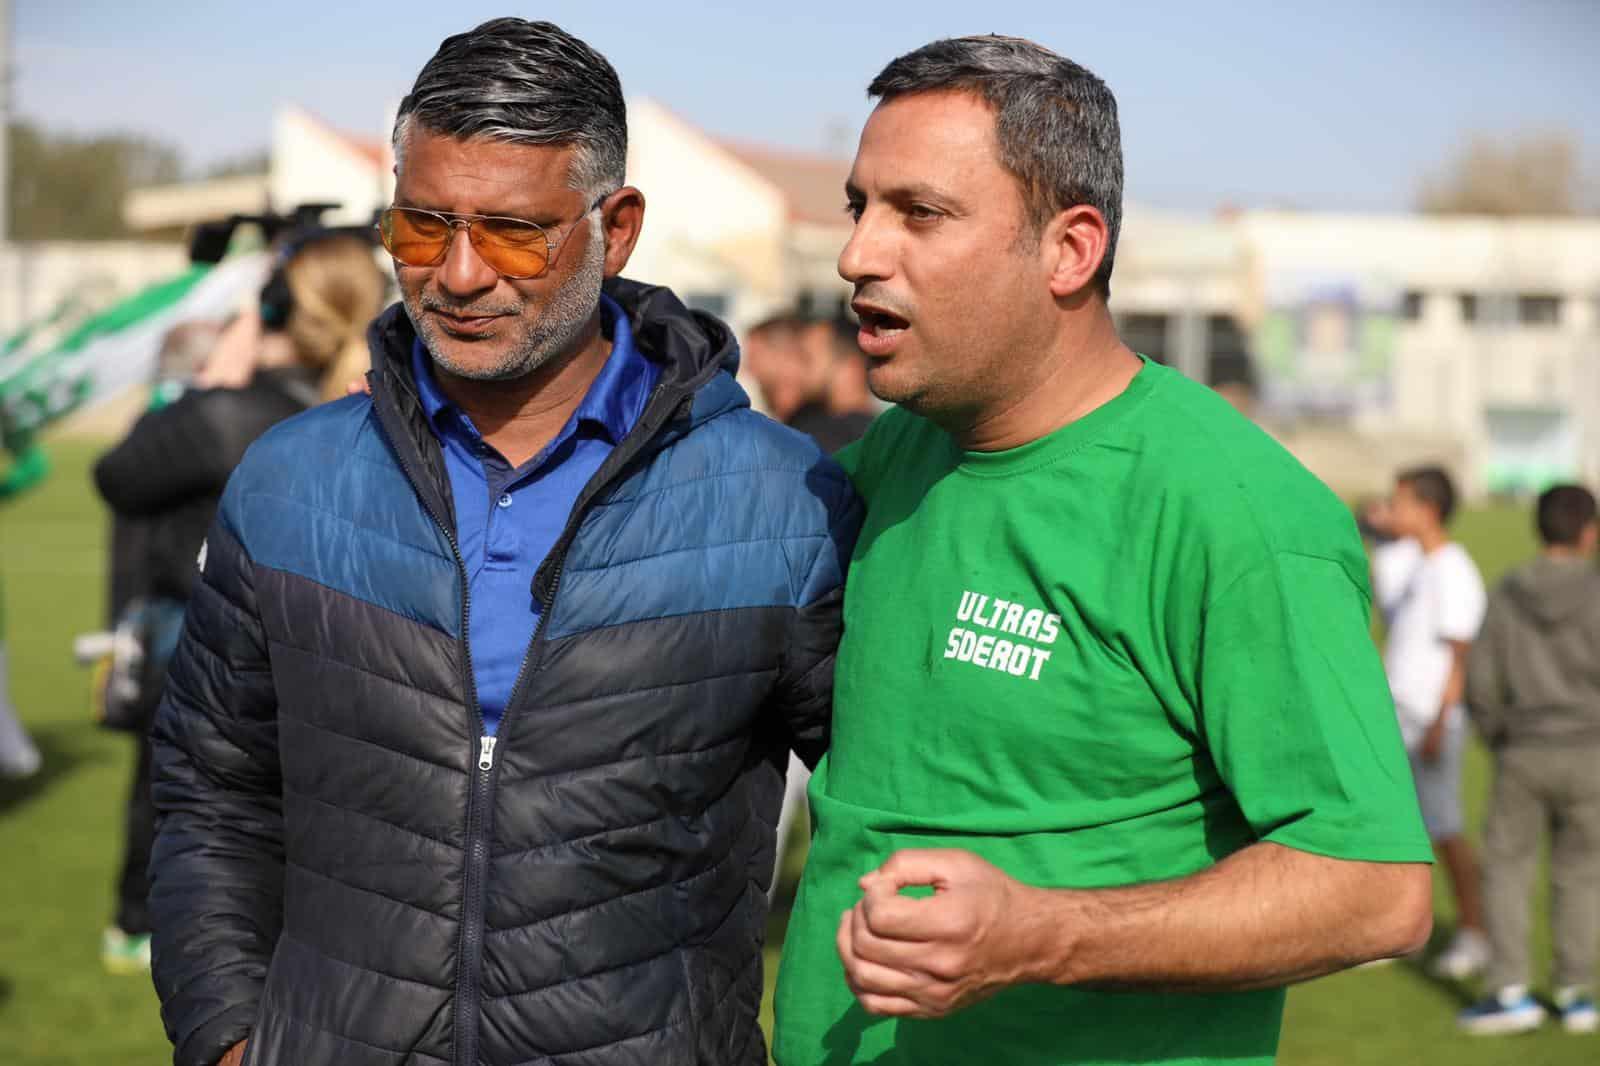 ראש עיריית שדרות אלון דוידי עם המאמן עופר טלקר. צילום :גולן סבג